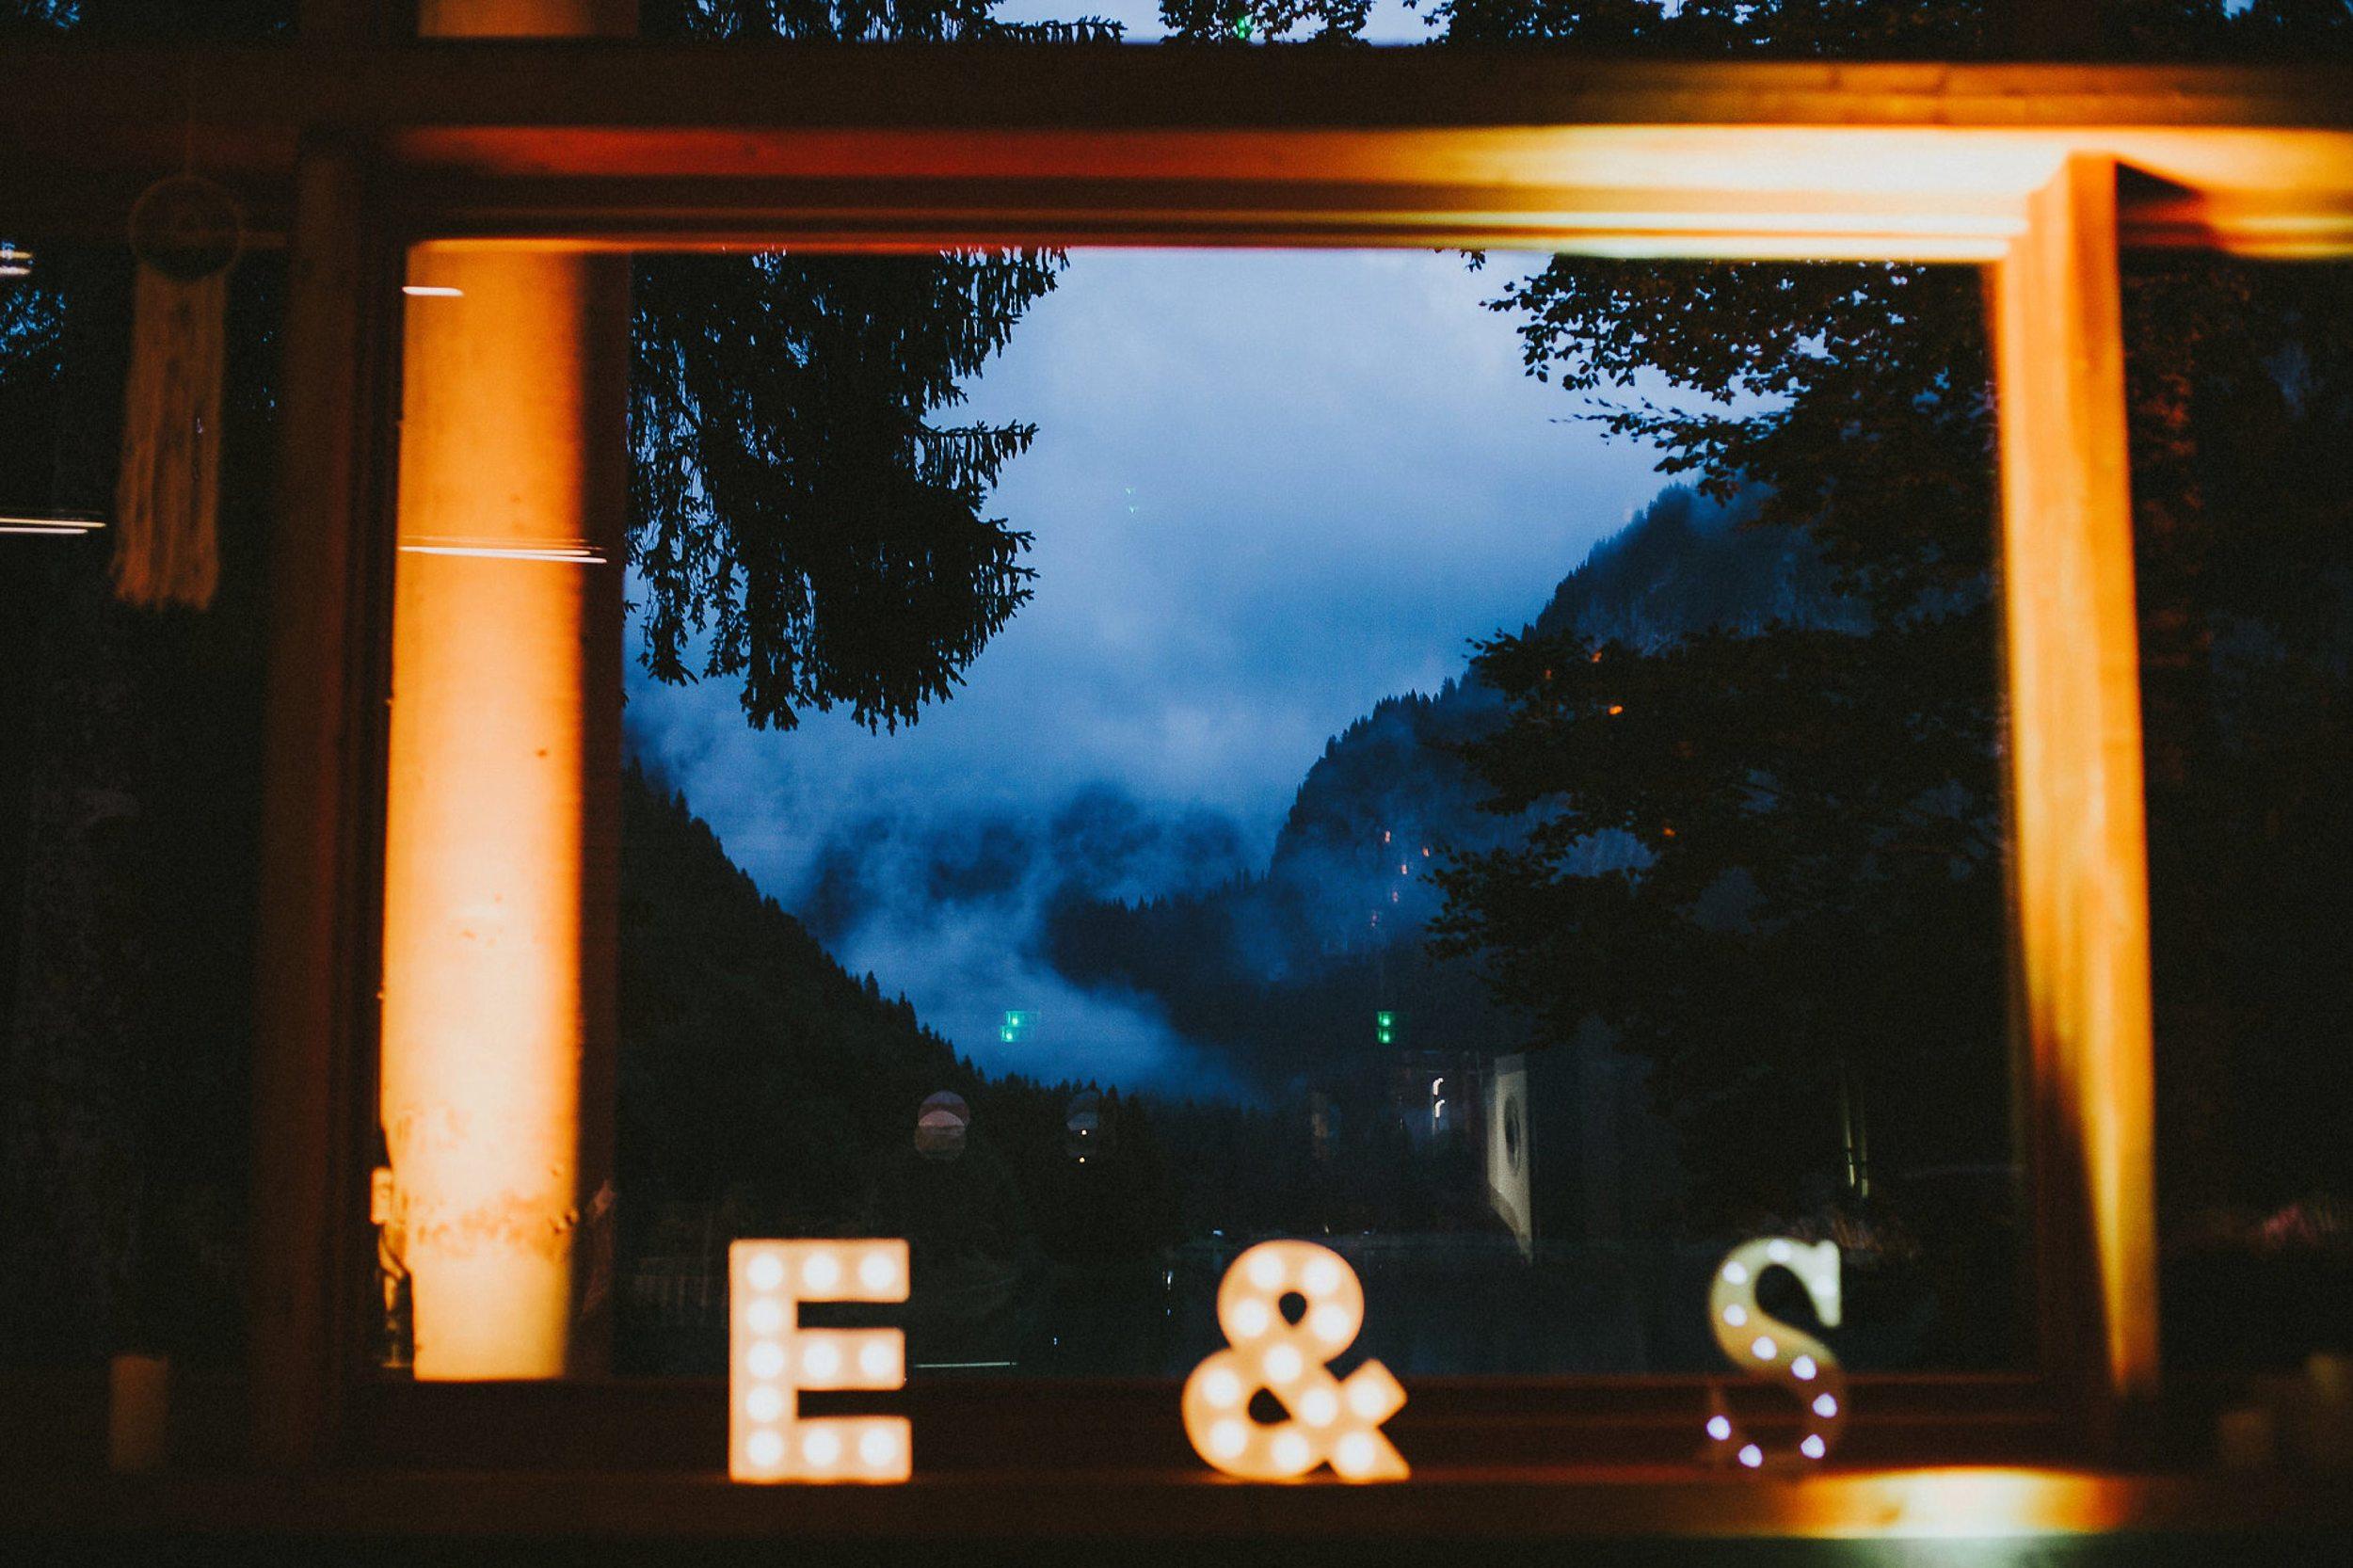 mariage-suisse-haute-savoie-domaine-baron-steven-bassillieaux-bordeaux-dordogne-wedding-photographe-68.jpg